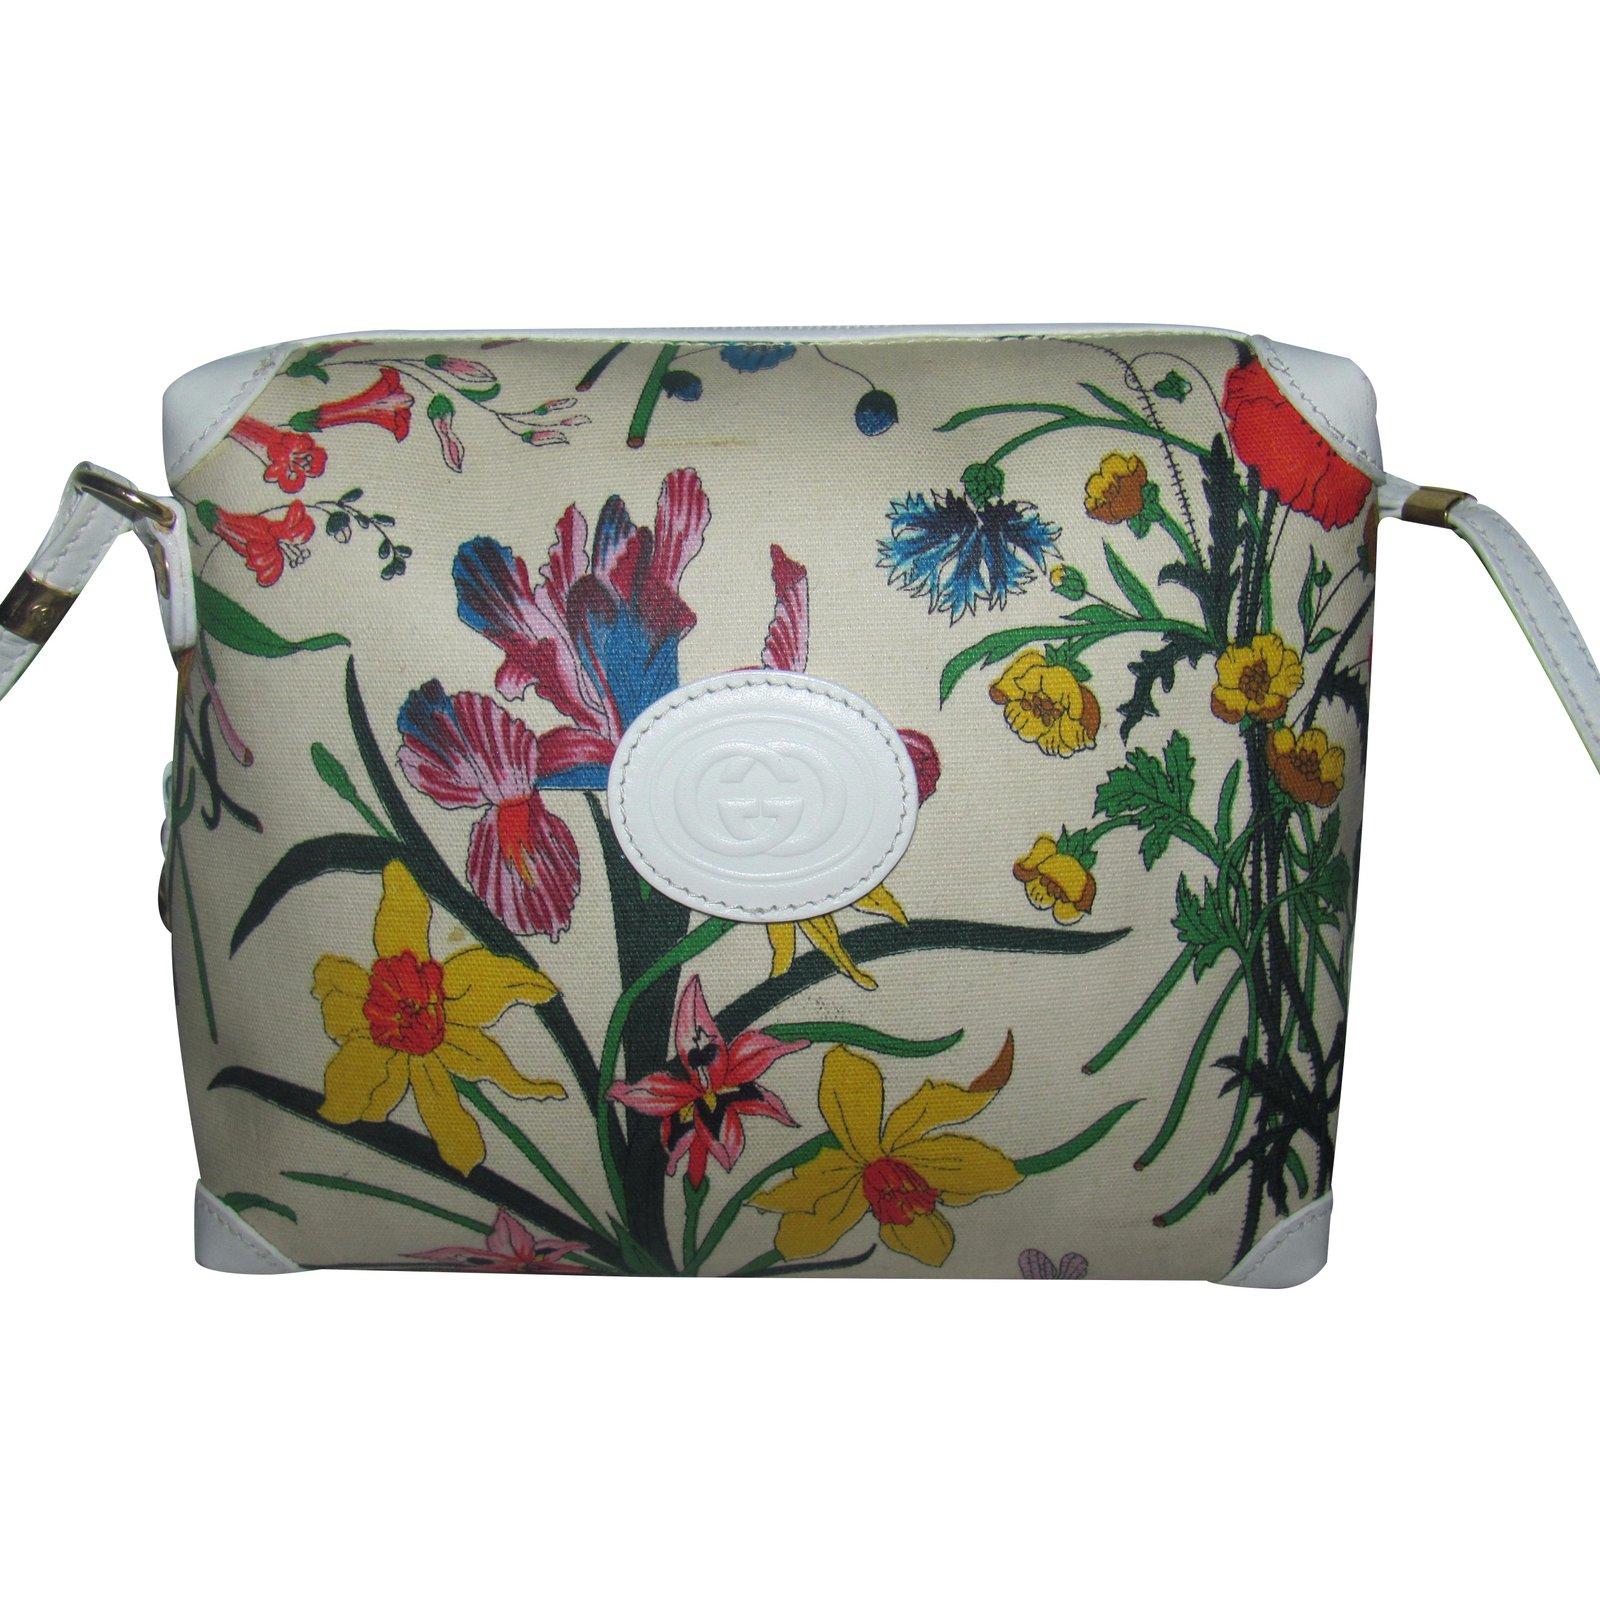 95f5bc8492d Gucci Handbag Handbags Other Multiple colors ref.23265 - Joli Closet